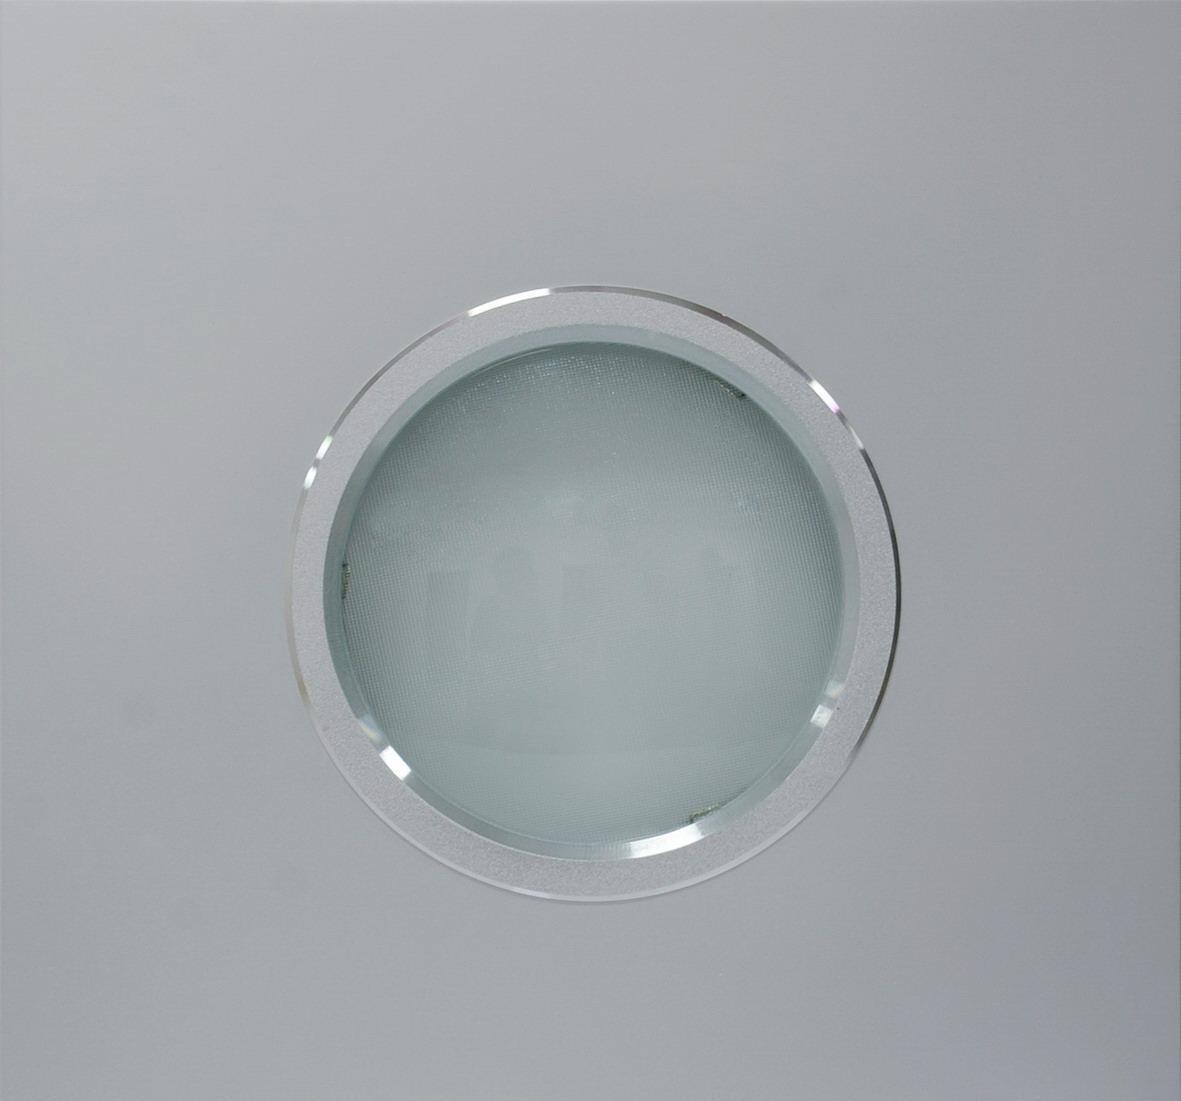 富佰得照明圆灯FBD-300D-4C